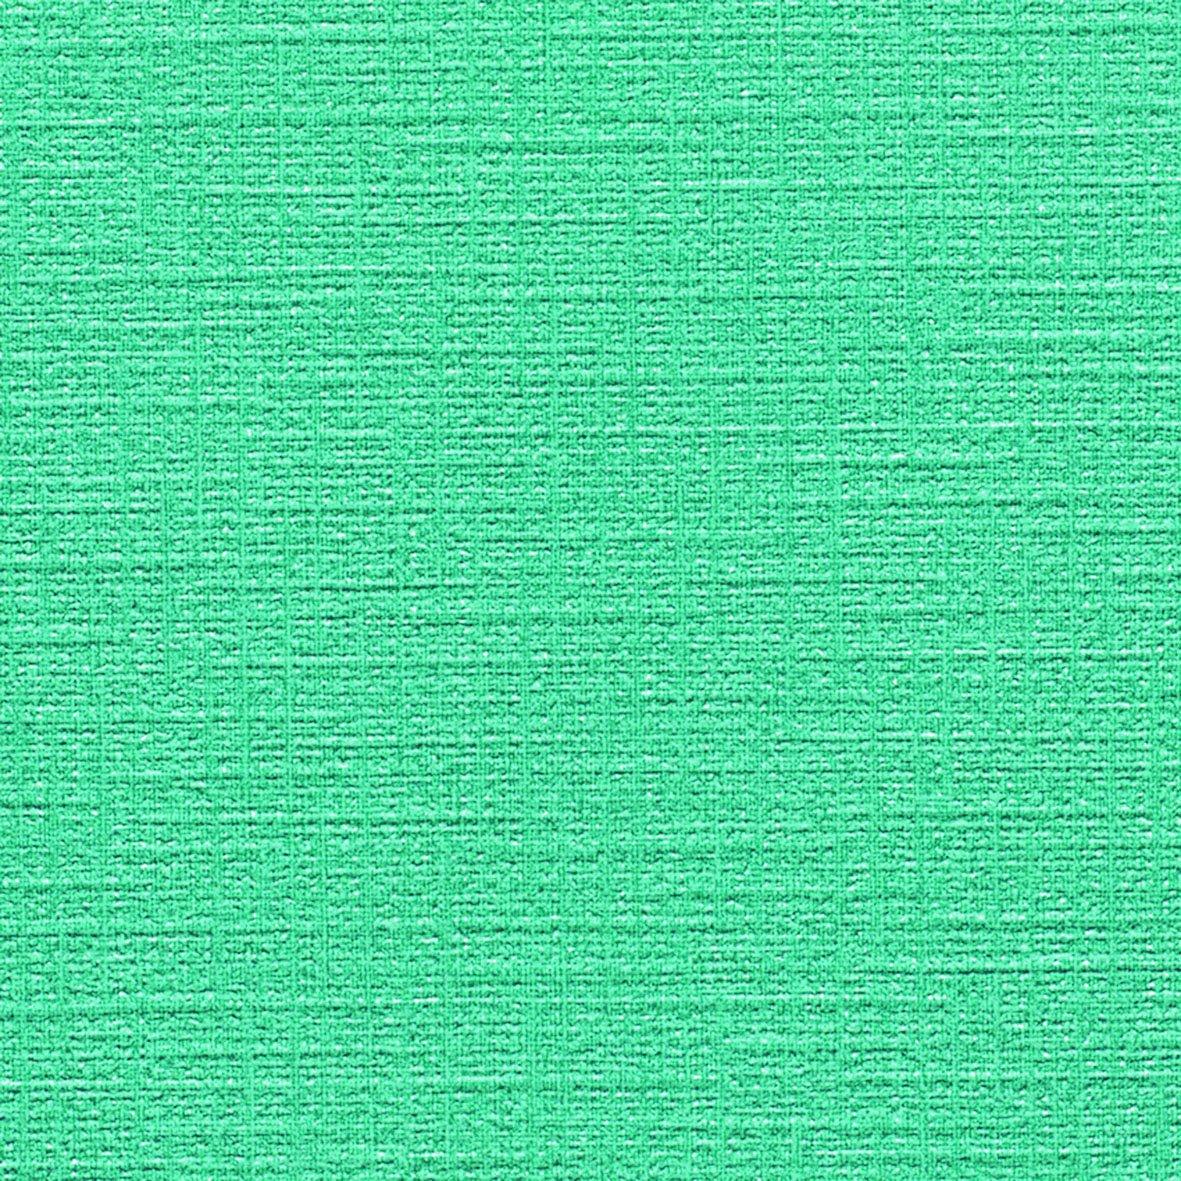 リリカラ 壁紙28m ナチュラル 織物調 グリーン LL-8386 B01N06CNTS 28m|グリーン2